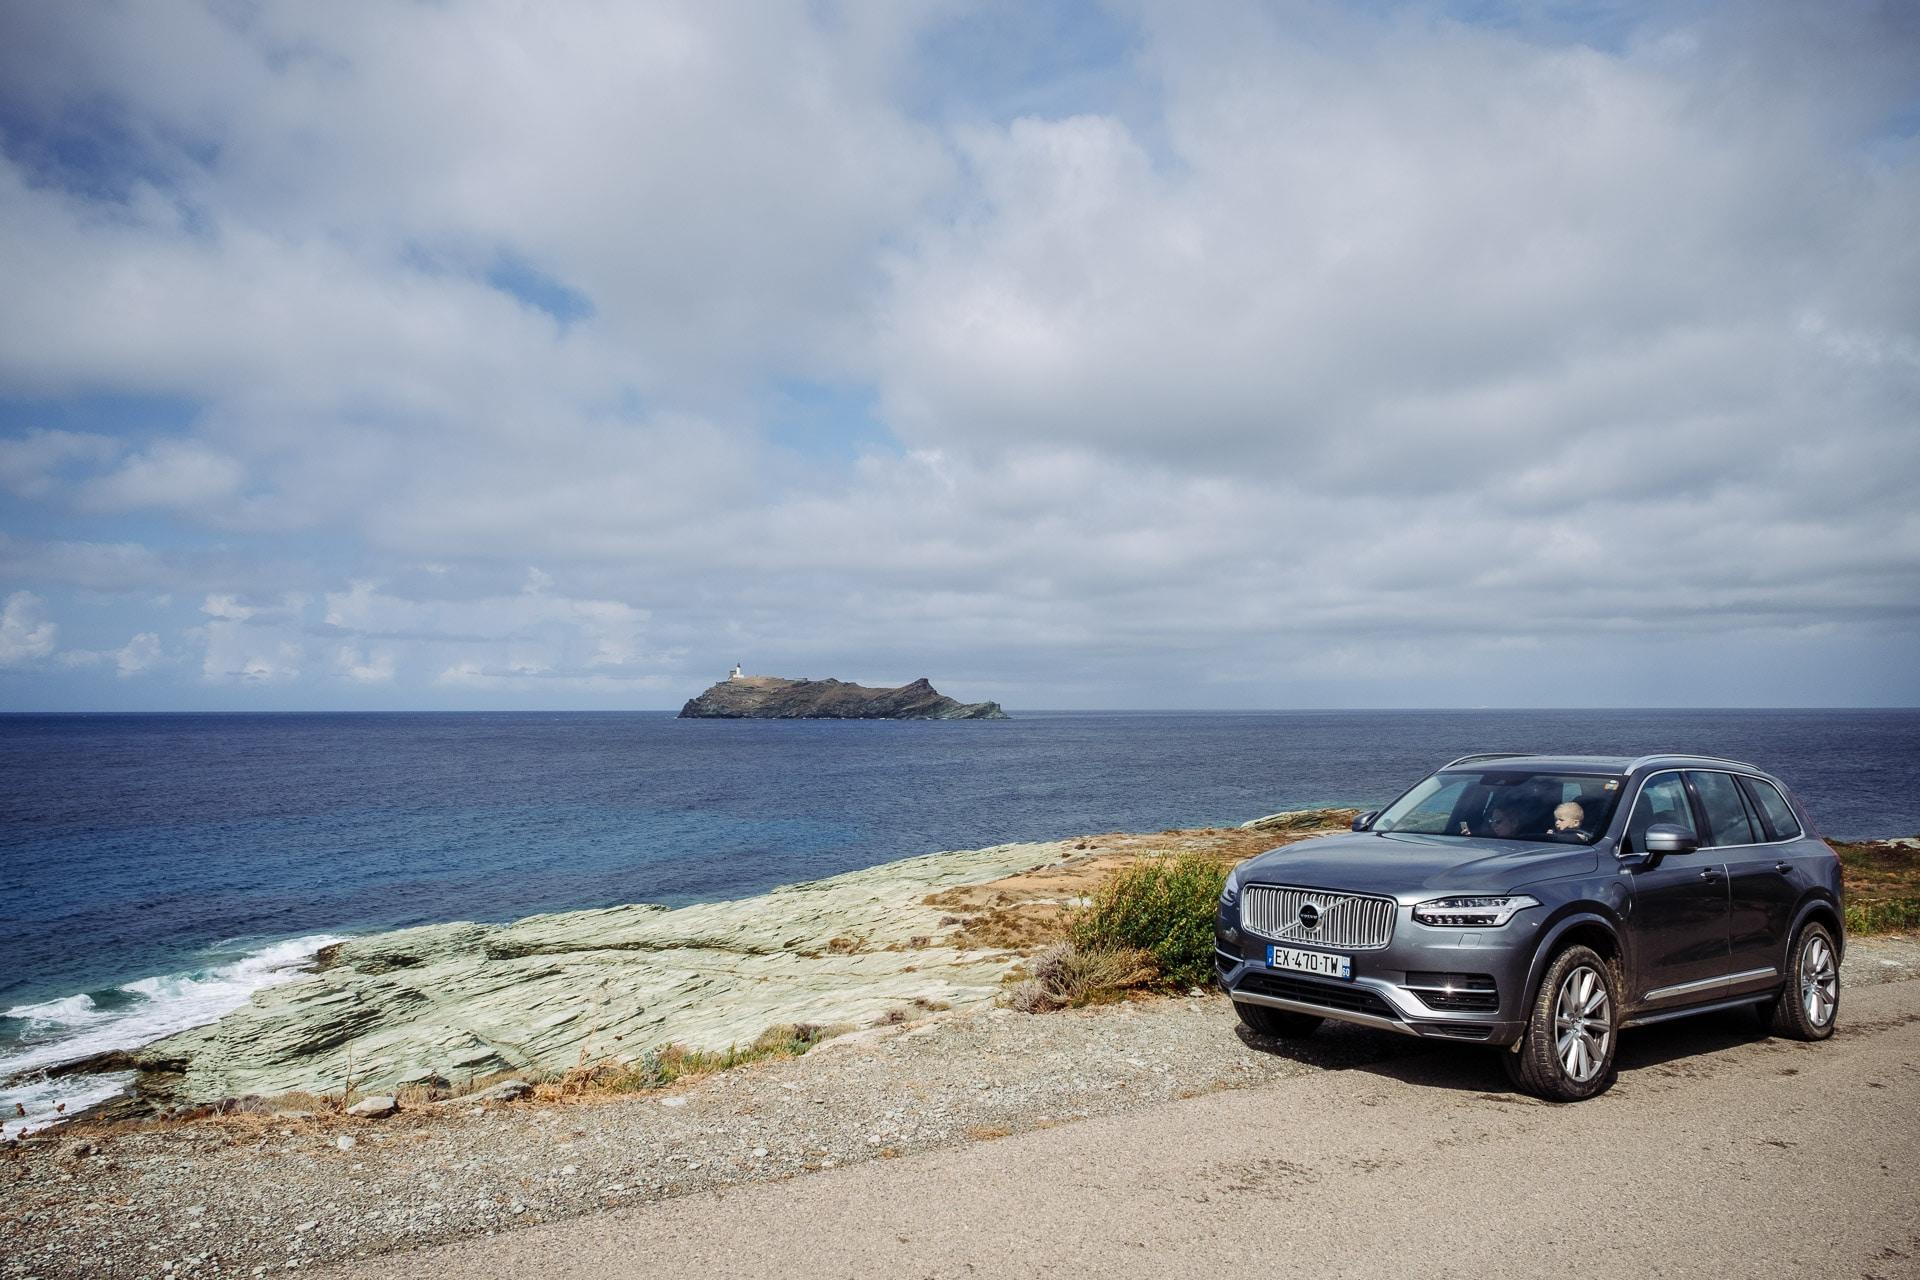 Road trip de 2 semaines en Corse